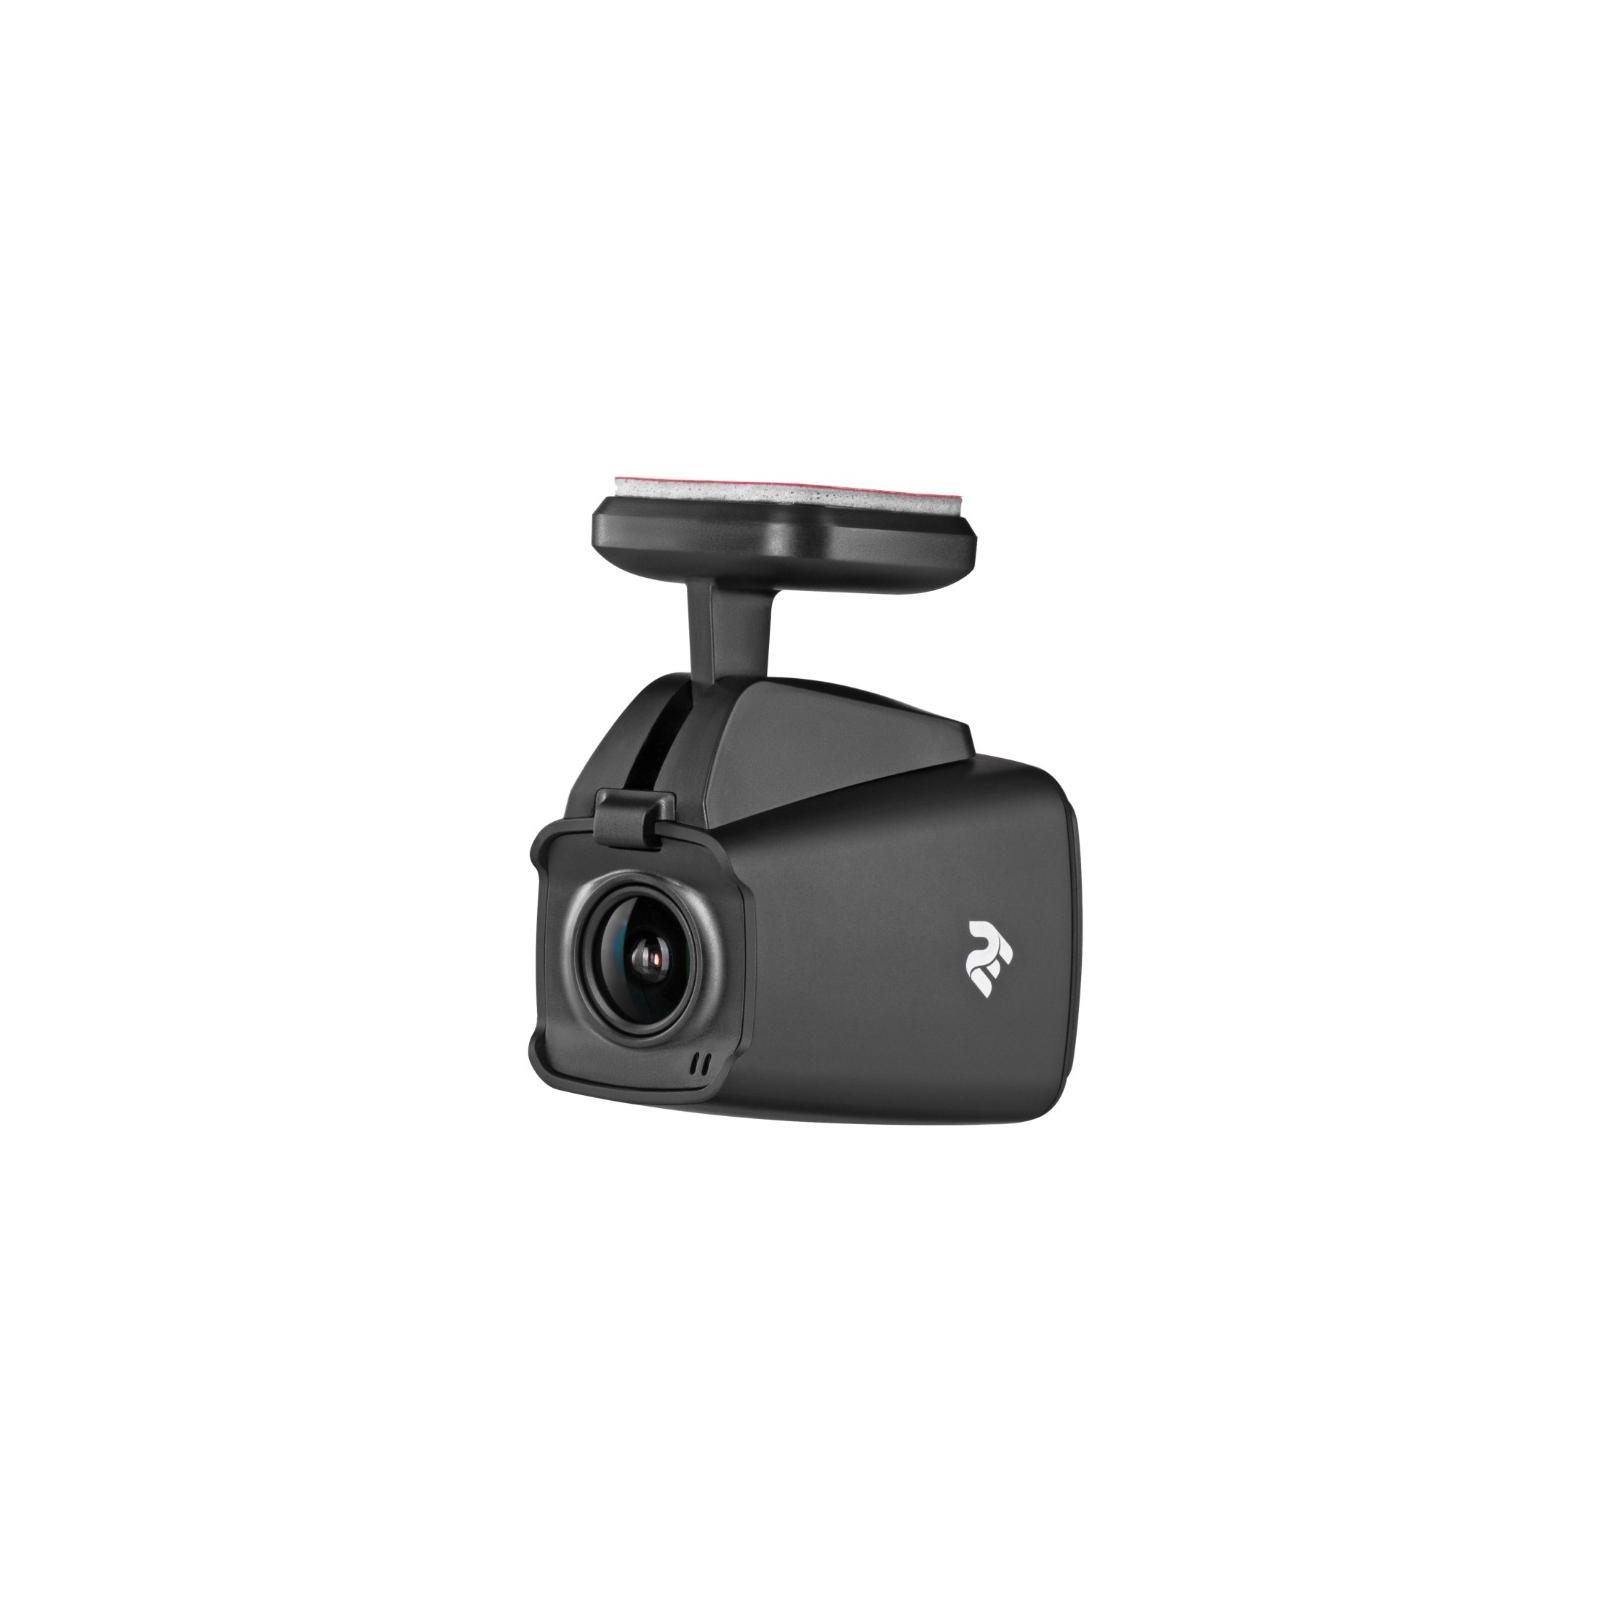 Відеореєстратор 2E Drive 550 Magnet (2E-DRIVE550MAGNET)